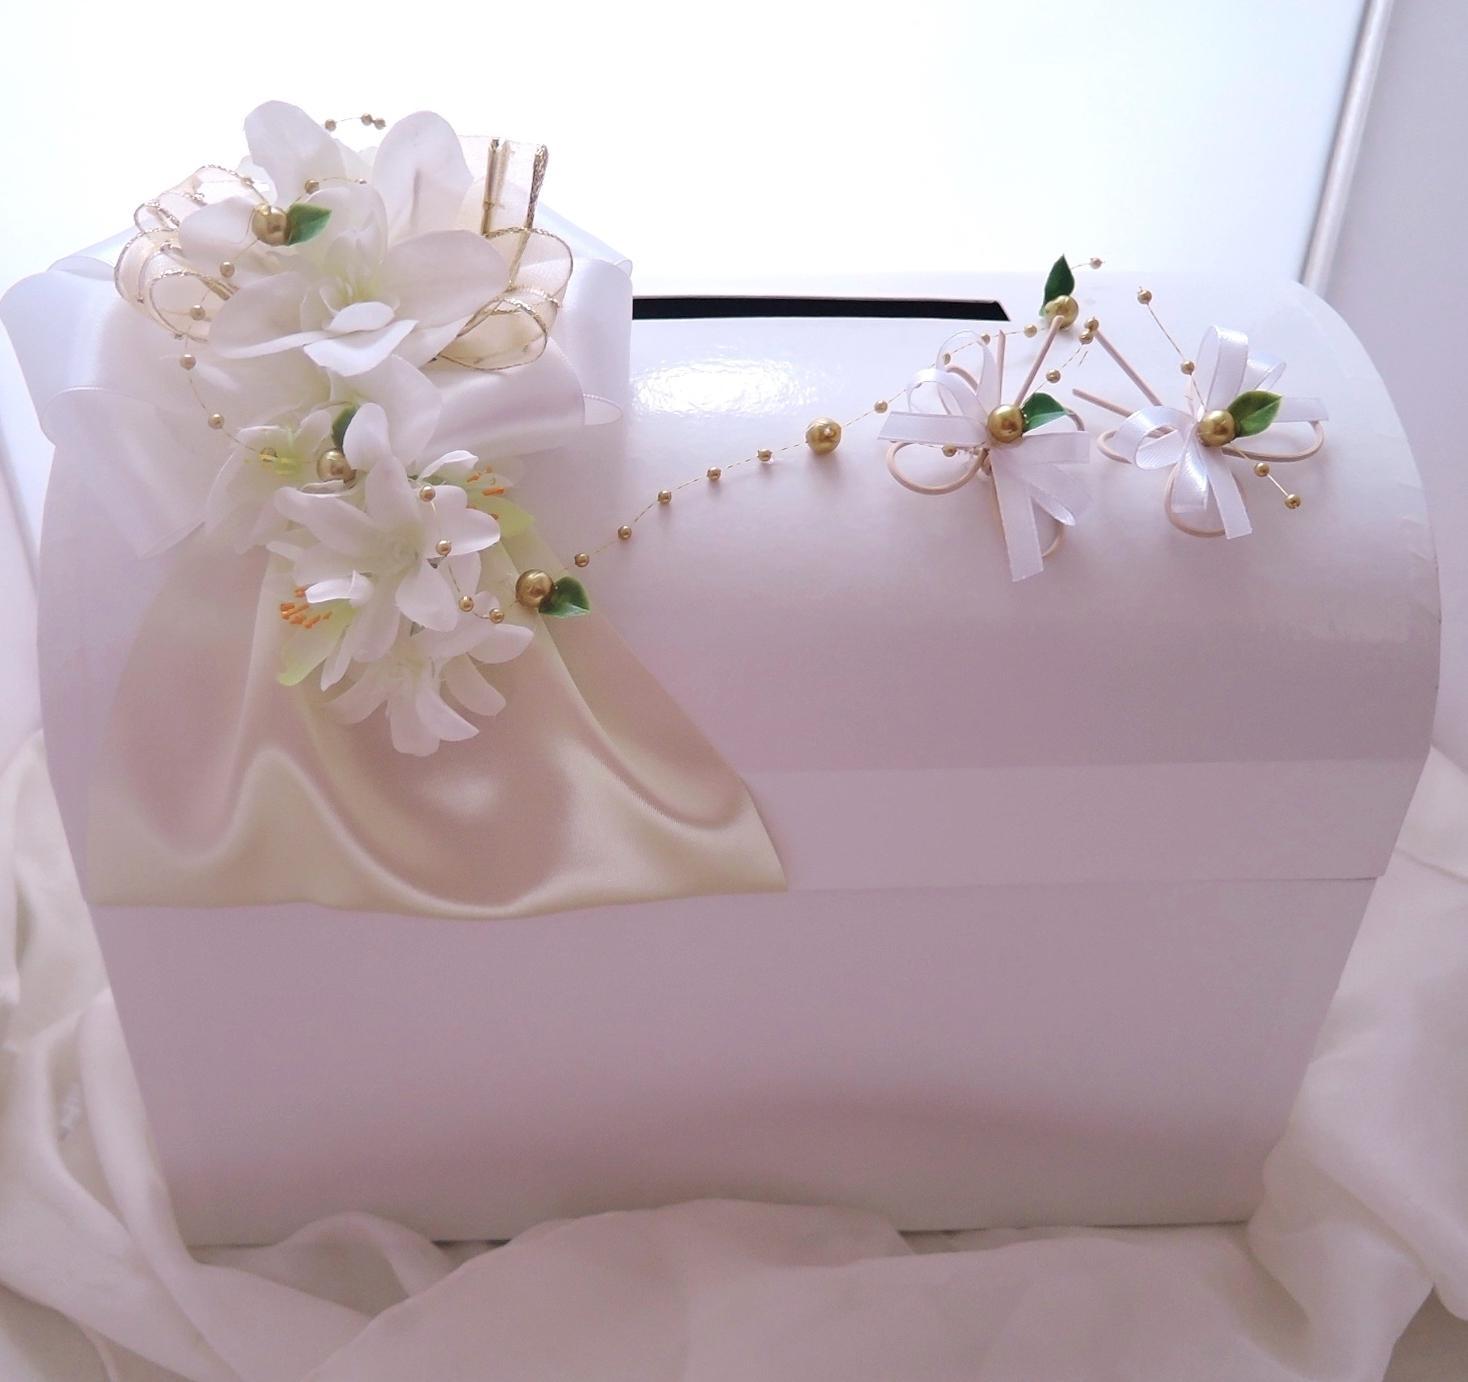 svatební pokladnička velká- motýlci zlatobílí - Obrázek č. 1